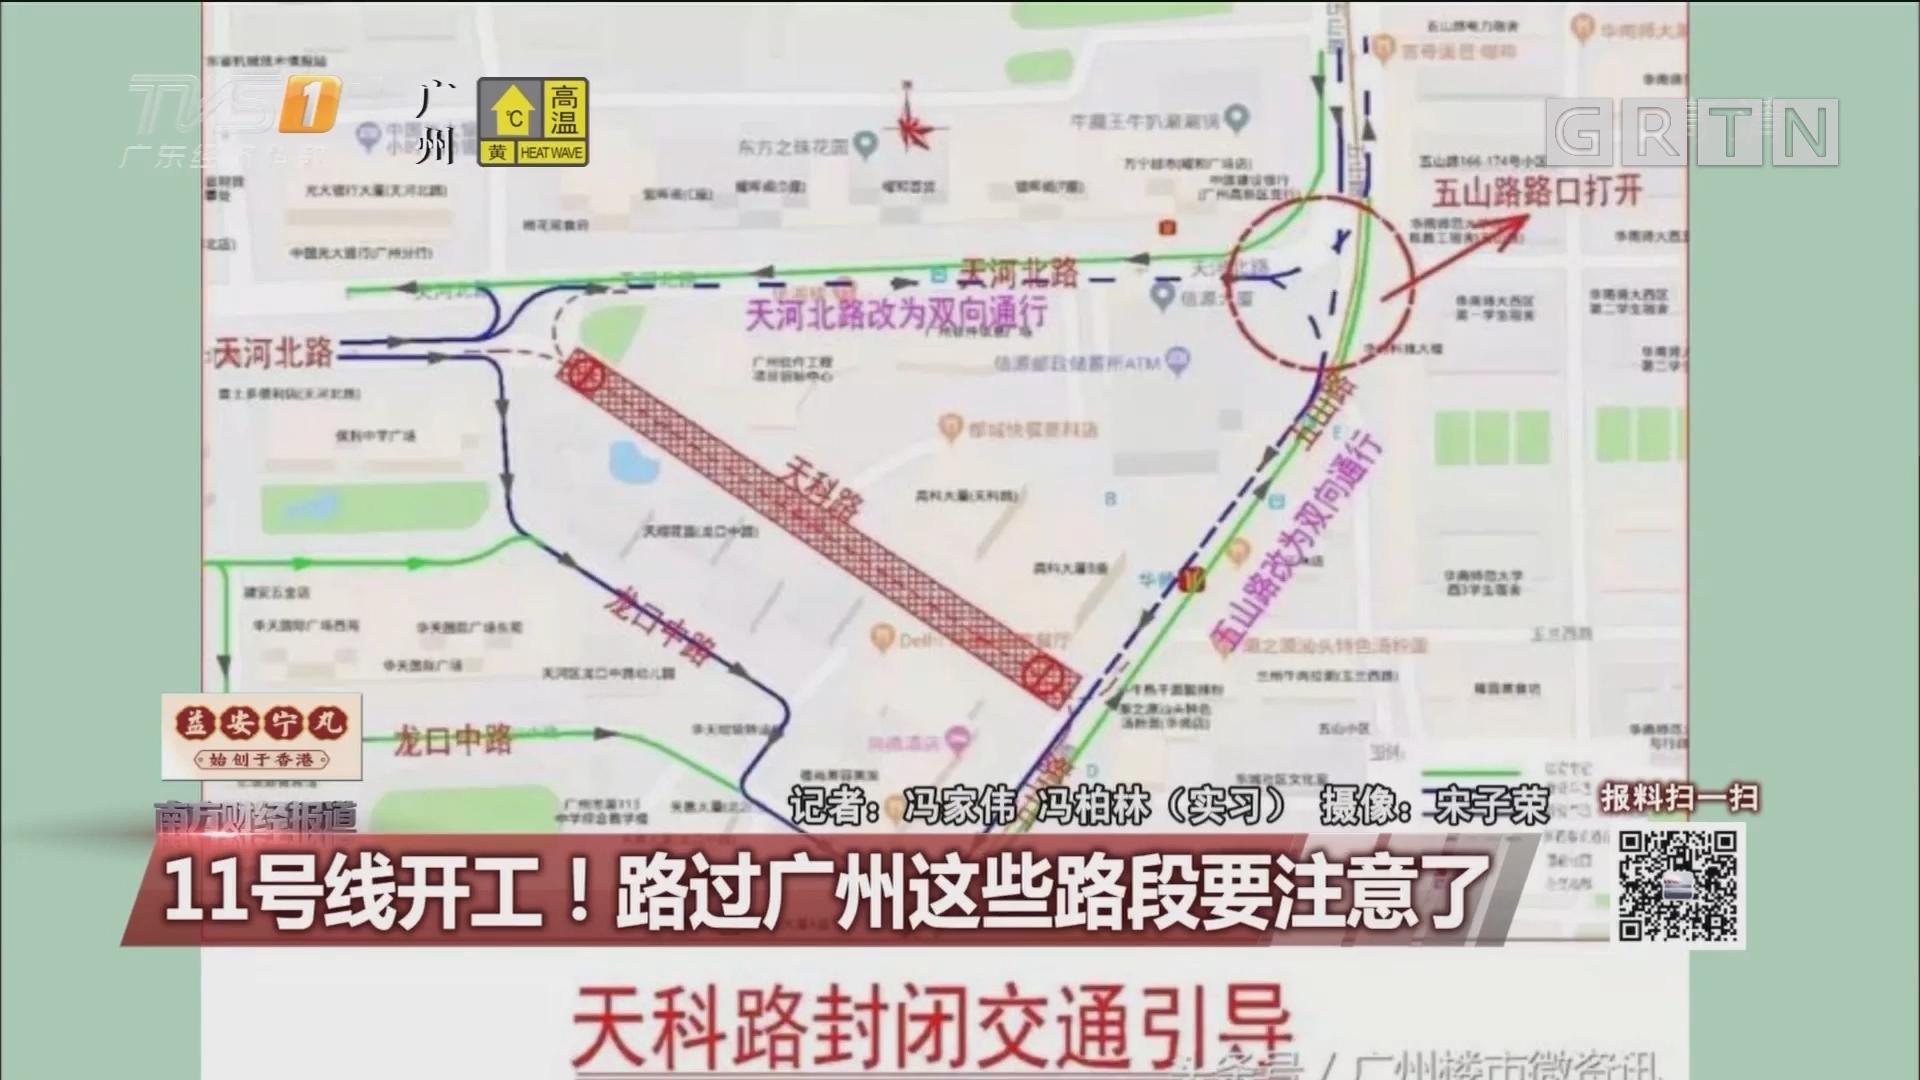 11号线开工!路过广州这些路段要注意了